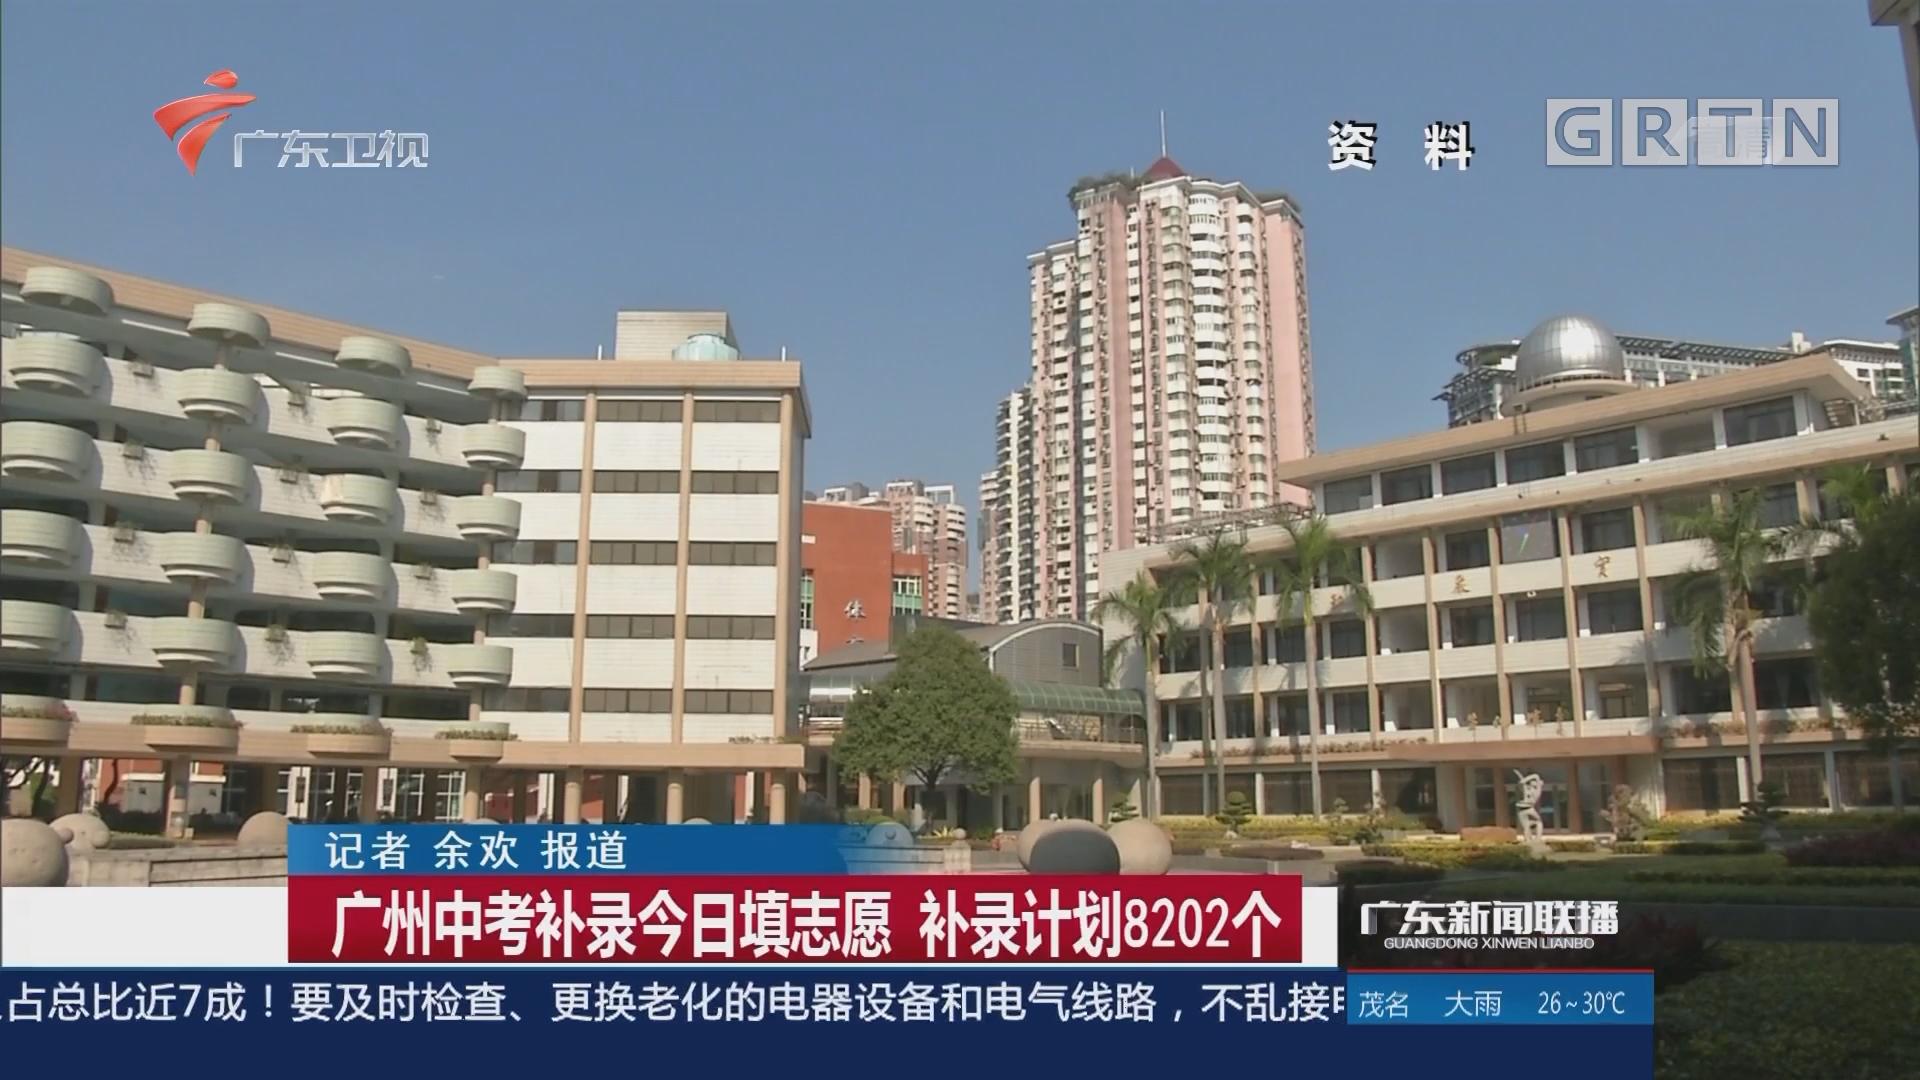 广州中考补录今日填志愿 补录计划8202个